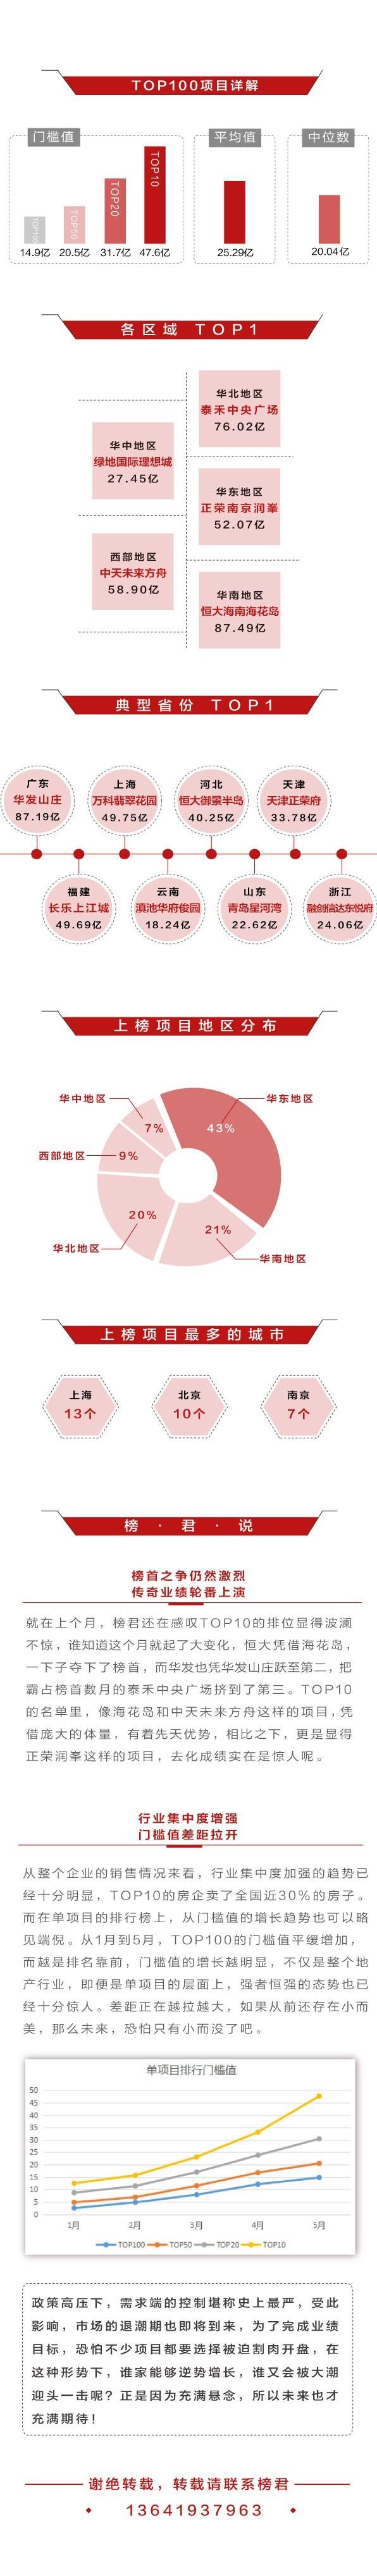 楼盘风云榜2017年1-5月中国典型房企单项目销售业绩TOP100